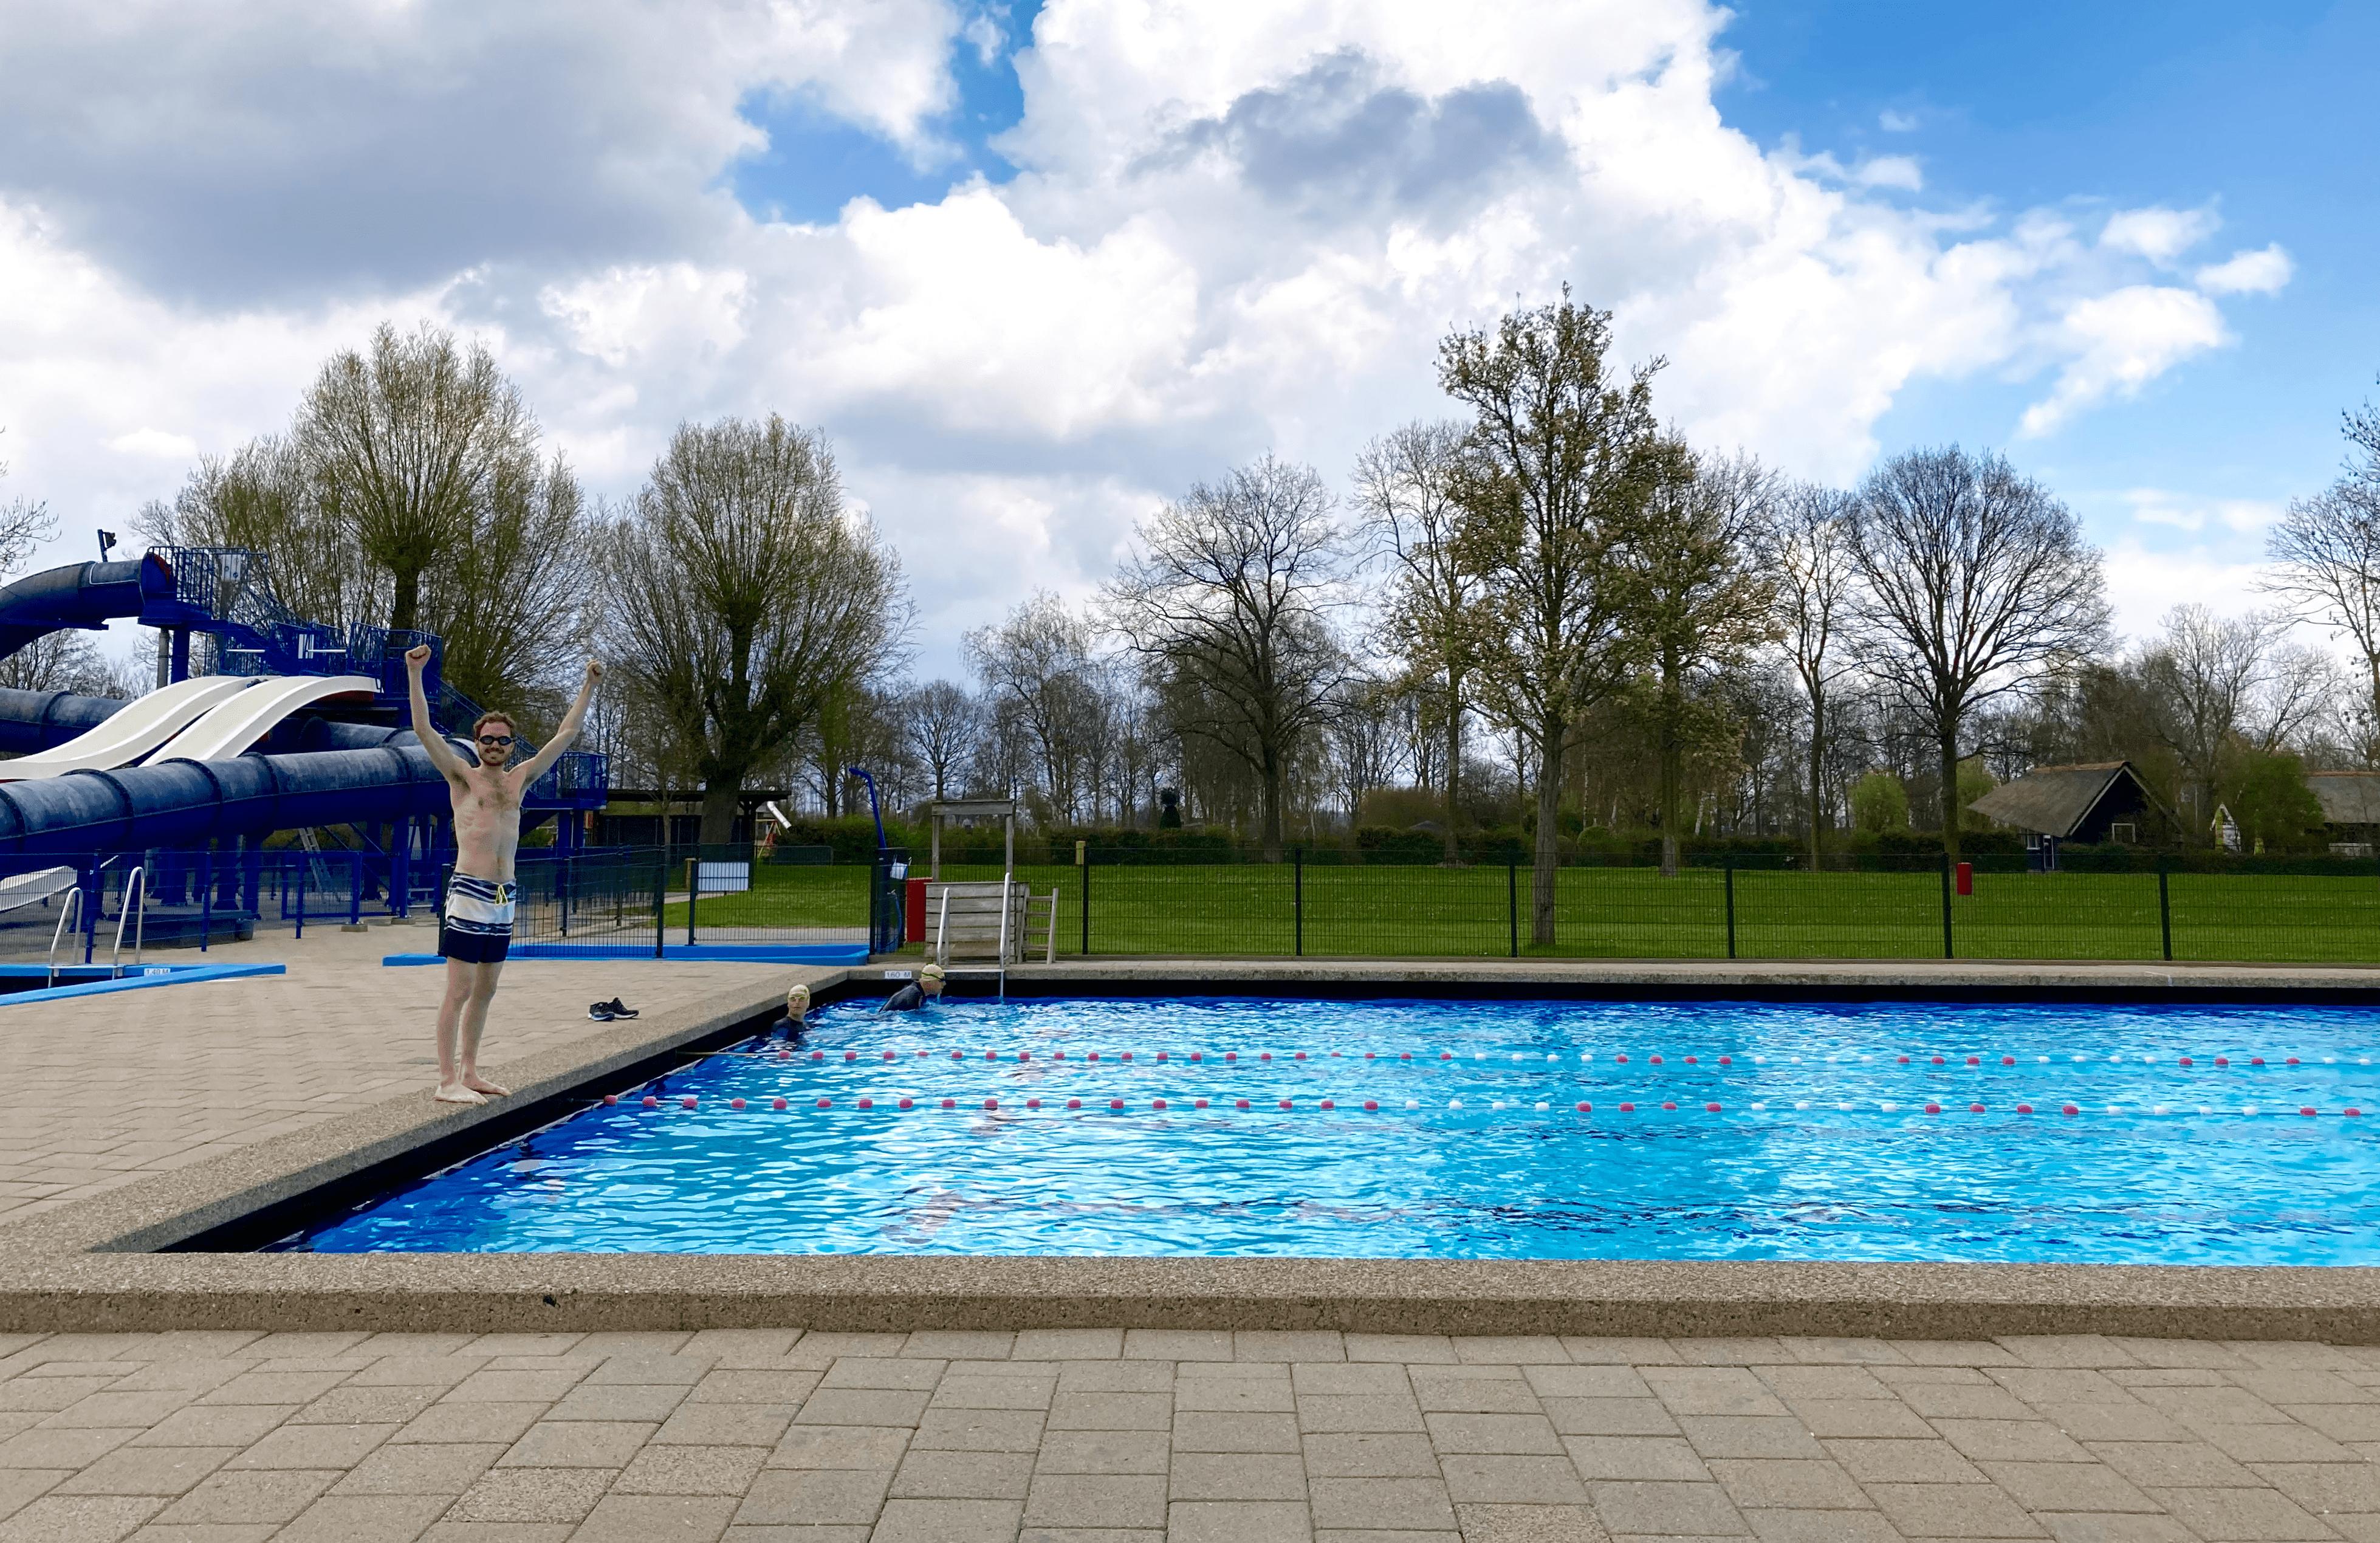 Lekker naar buiten: 5 x sportieve buitenactiviteiten in de Hoeksche Waard - indebuurt